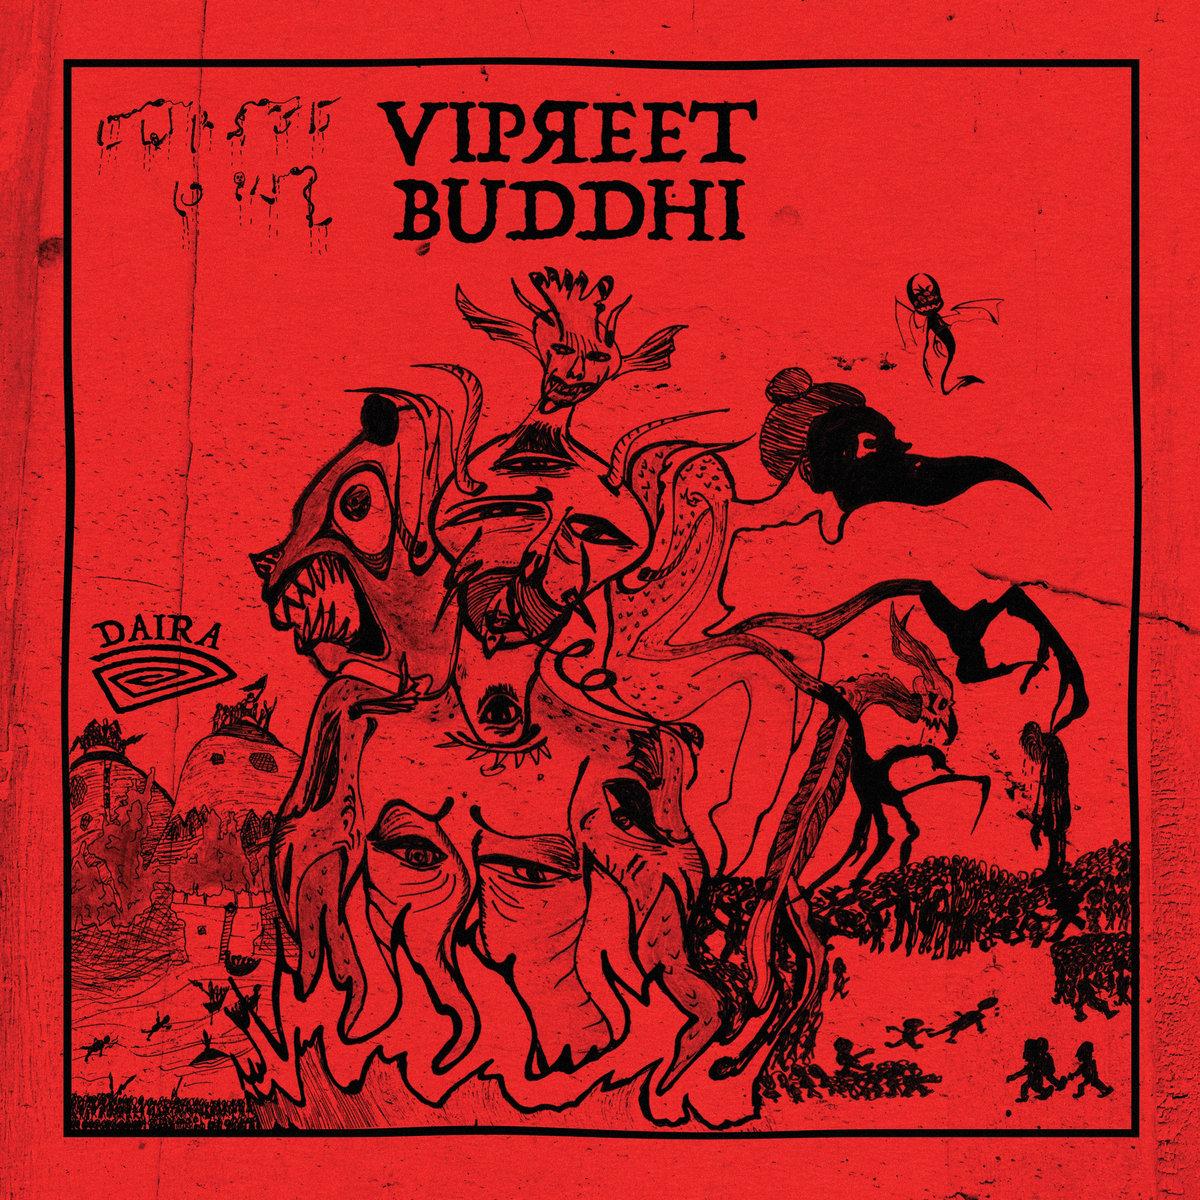 daira vipreet buddhi